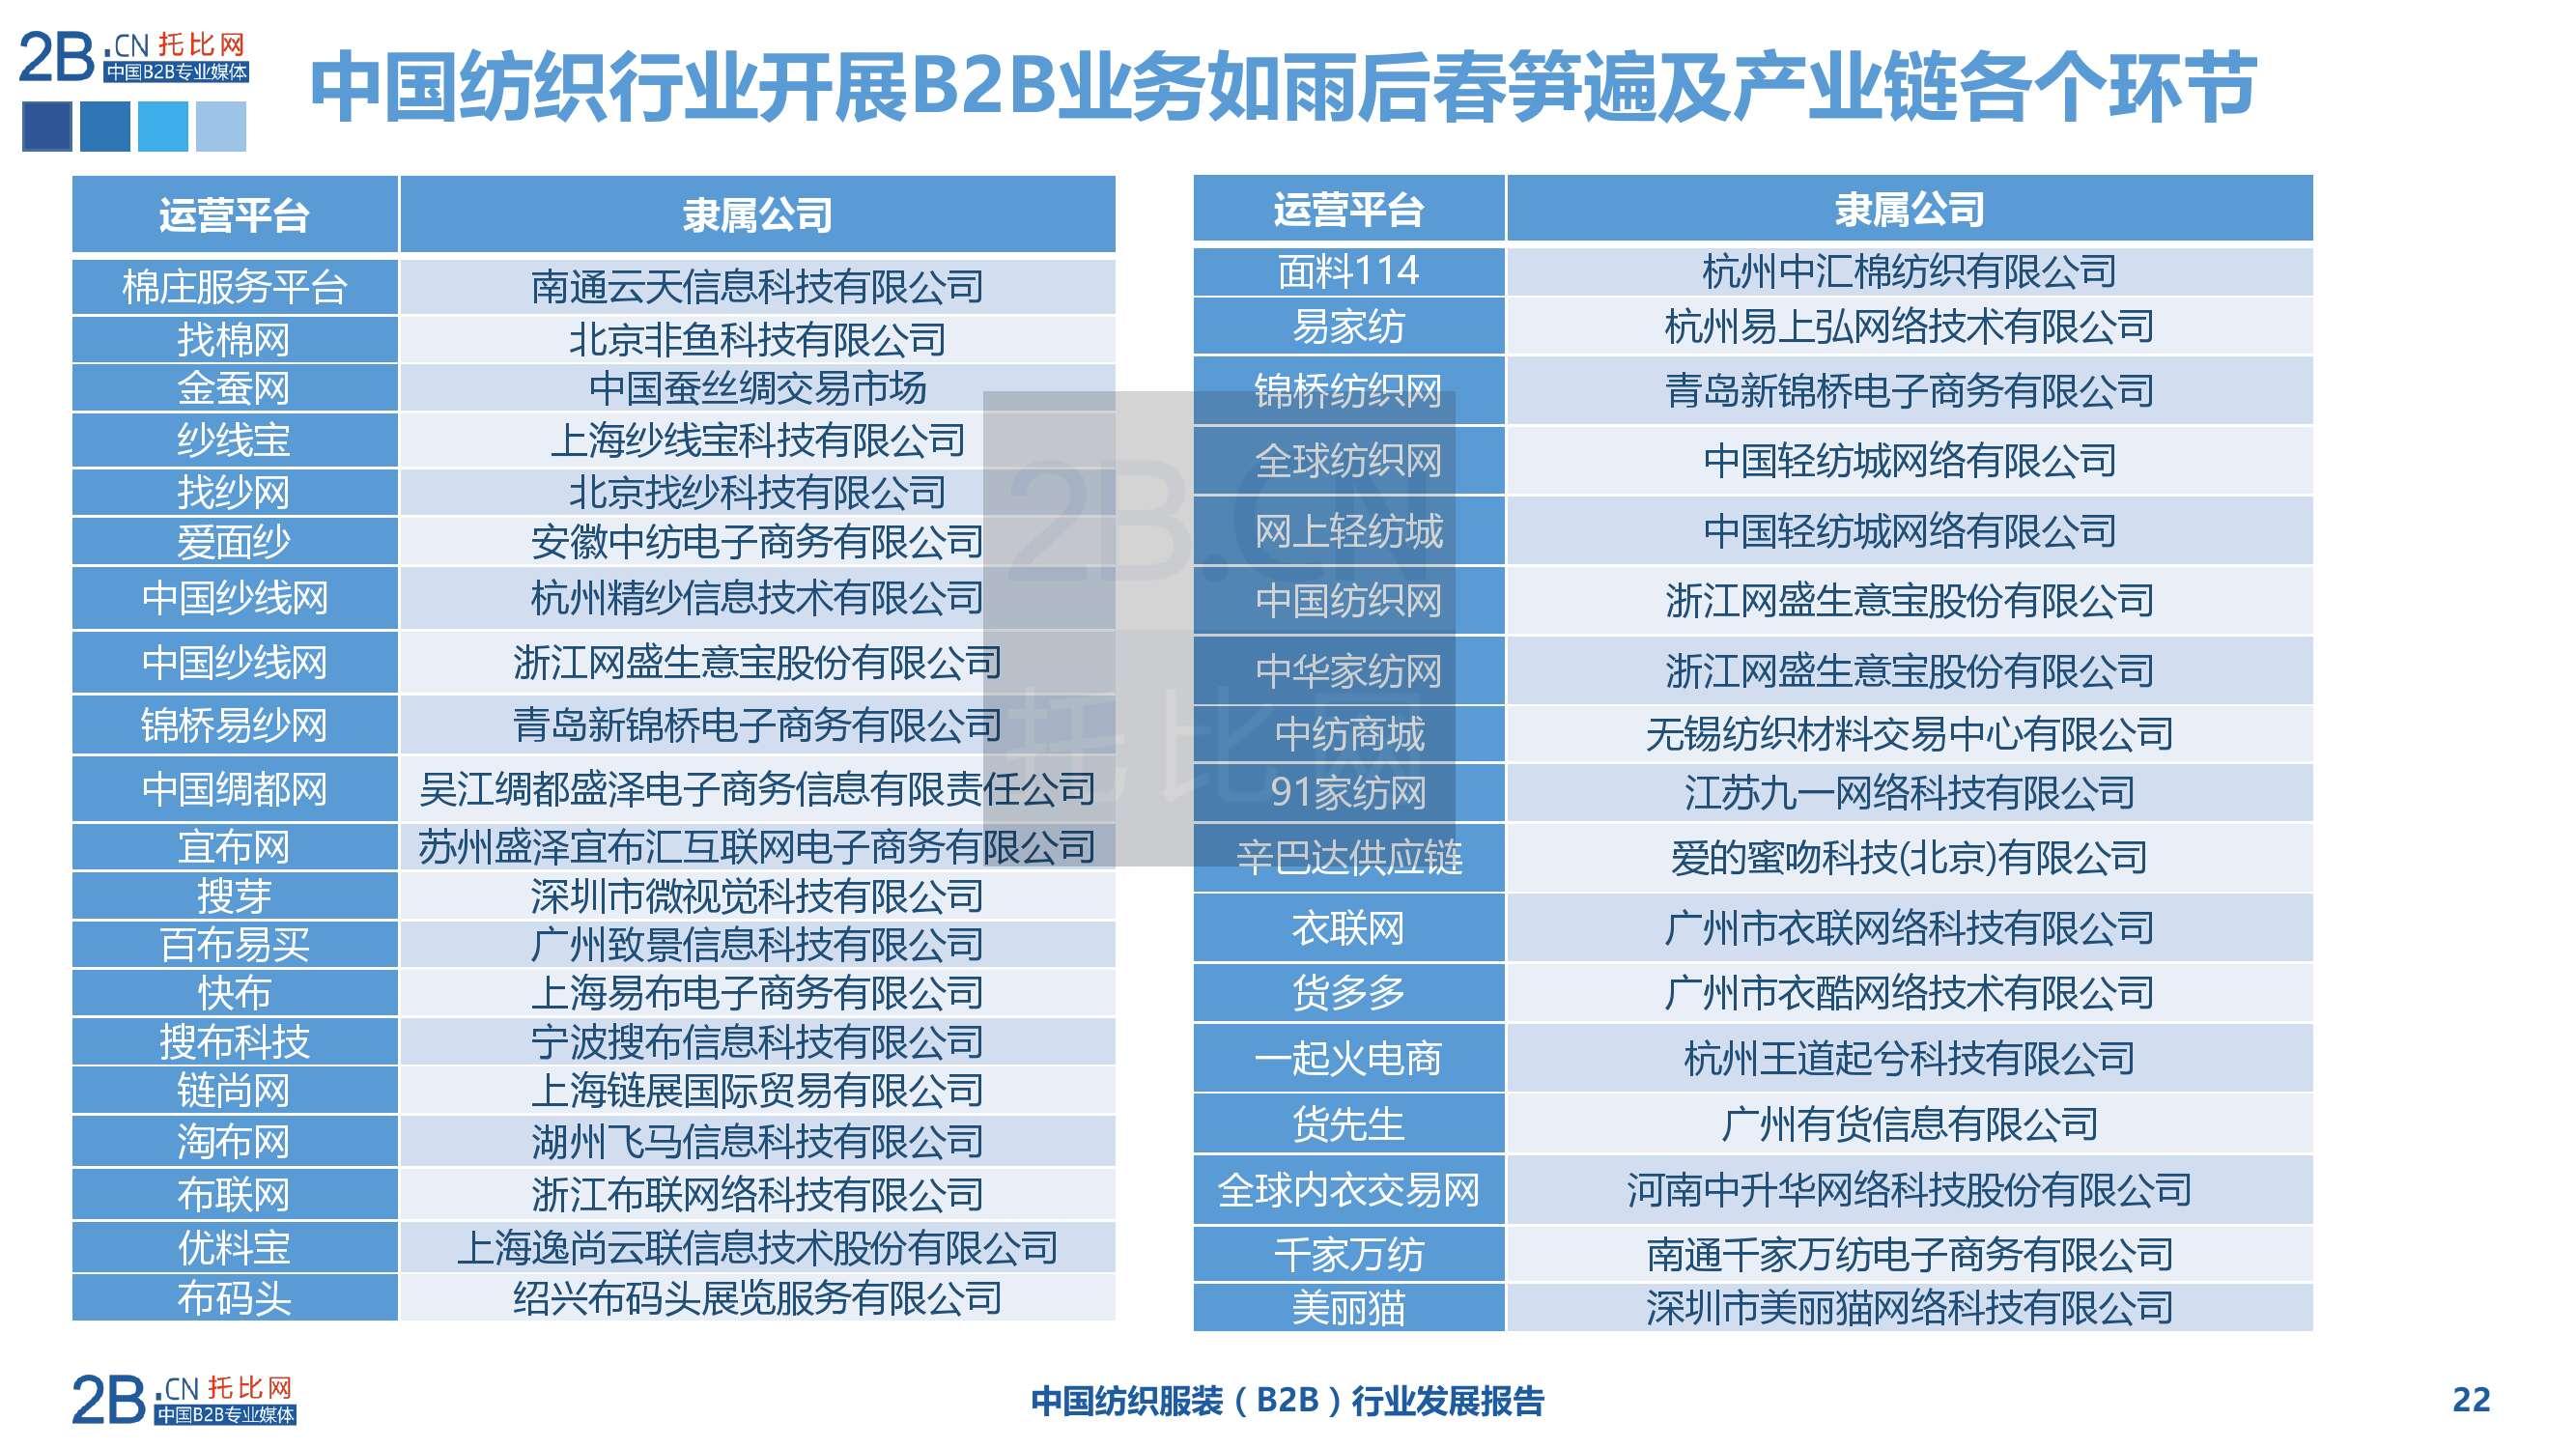 2015年中国纺织服装B2B行业发展报告_000022